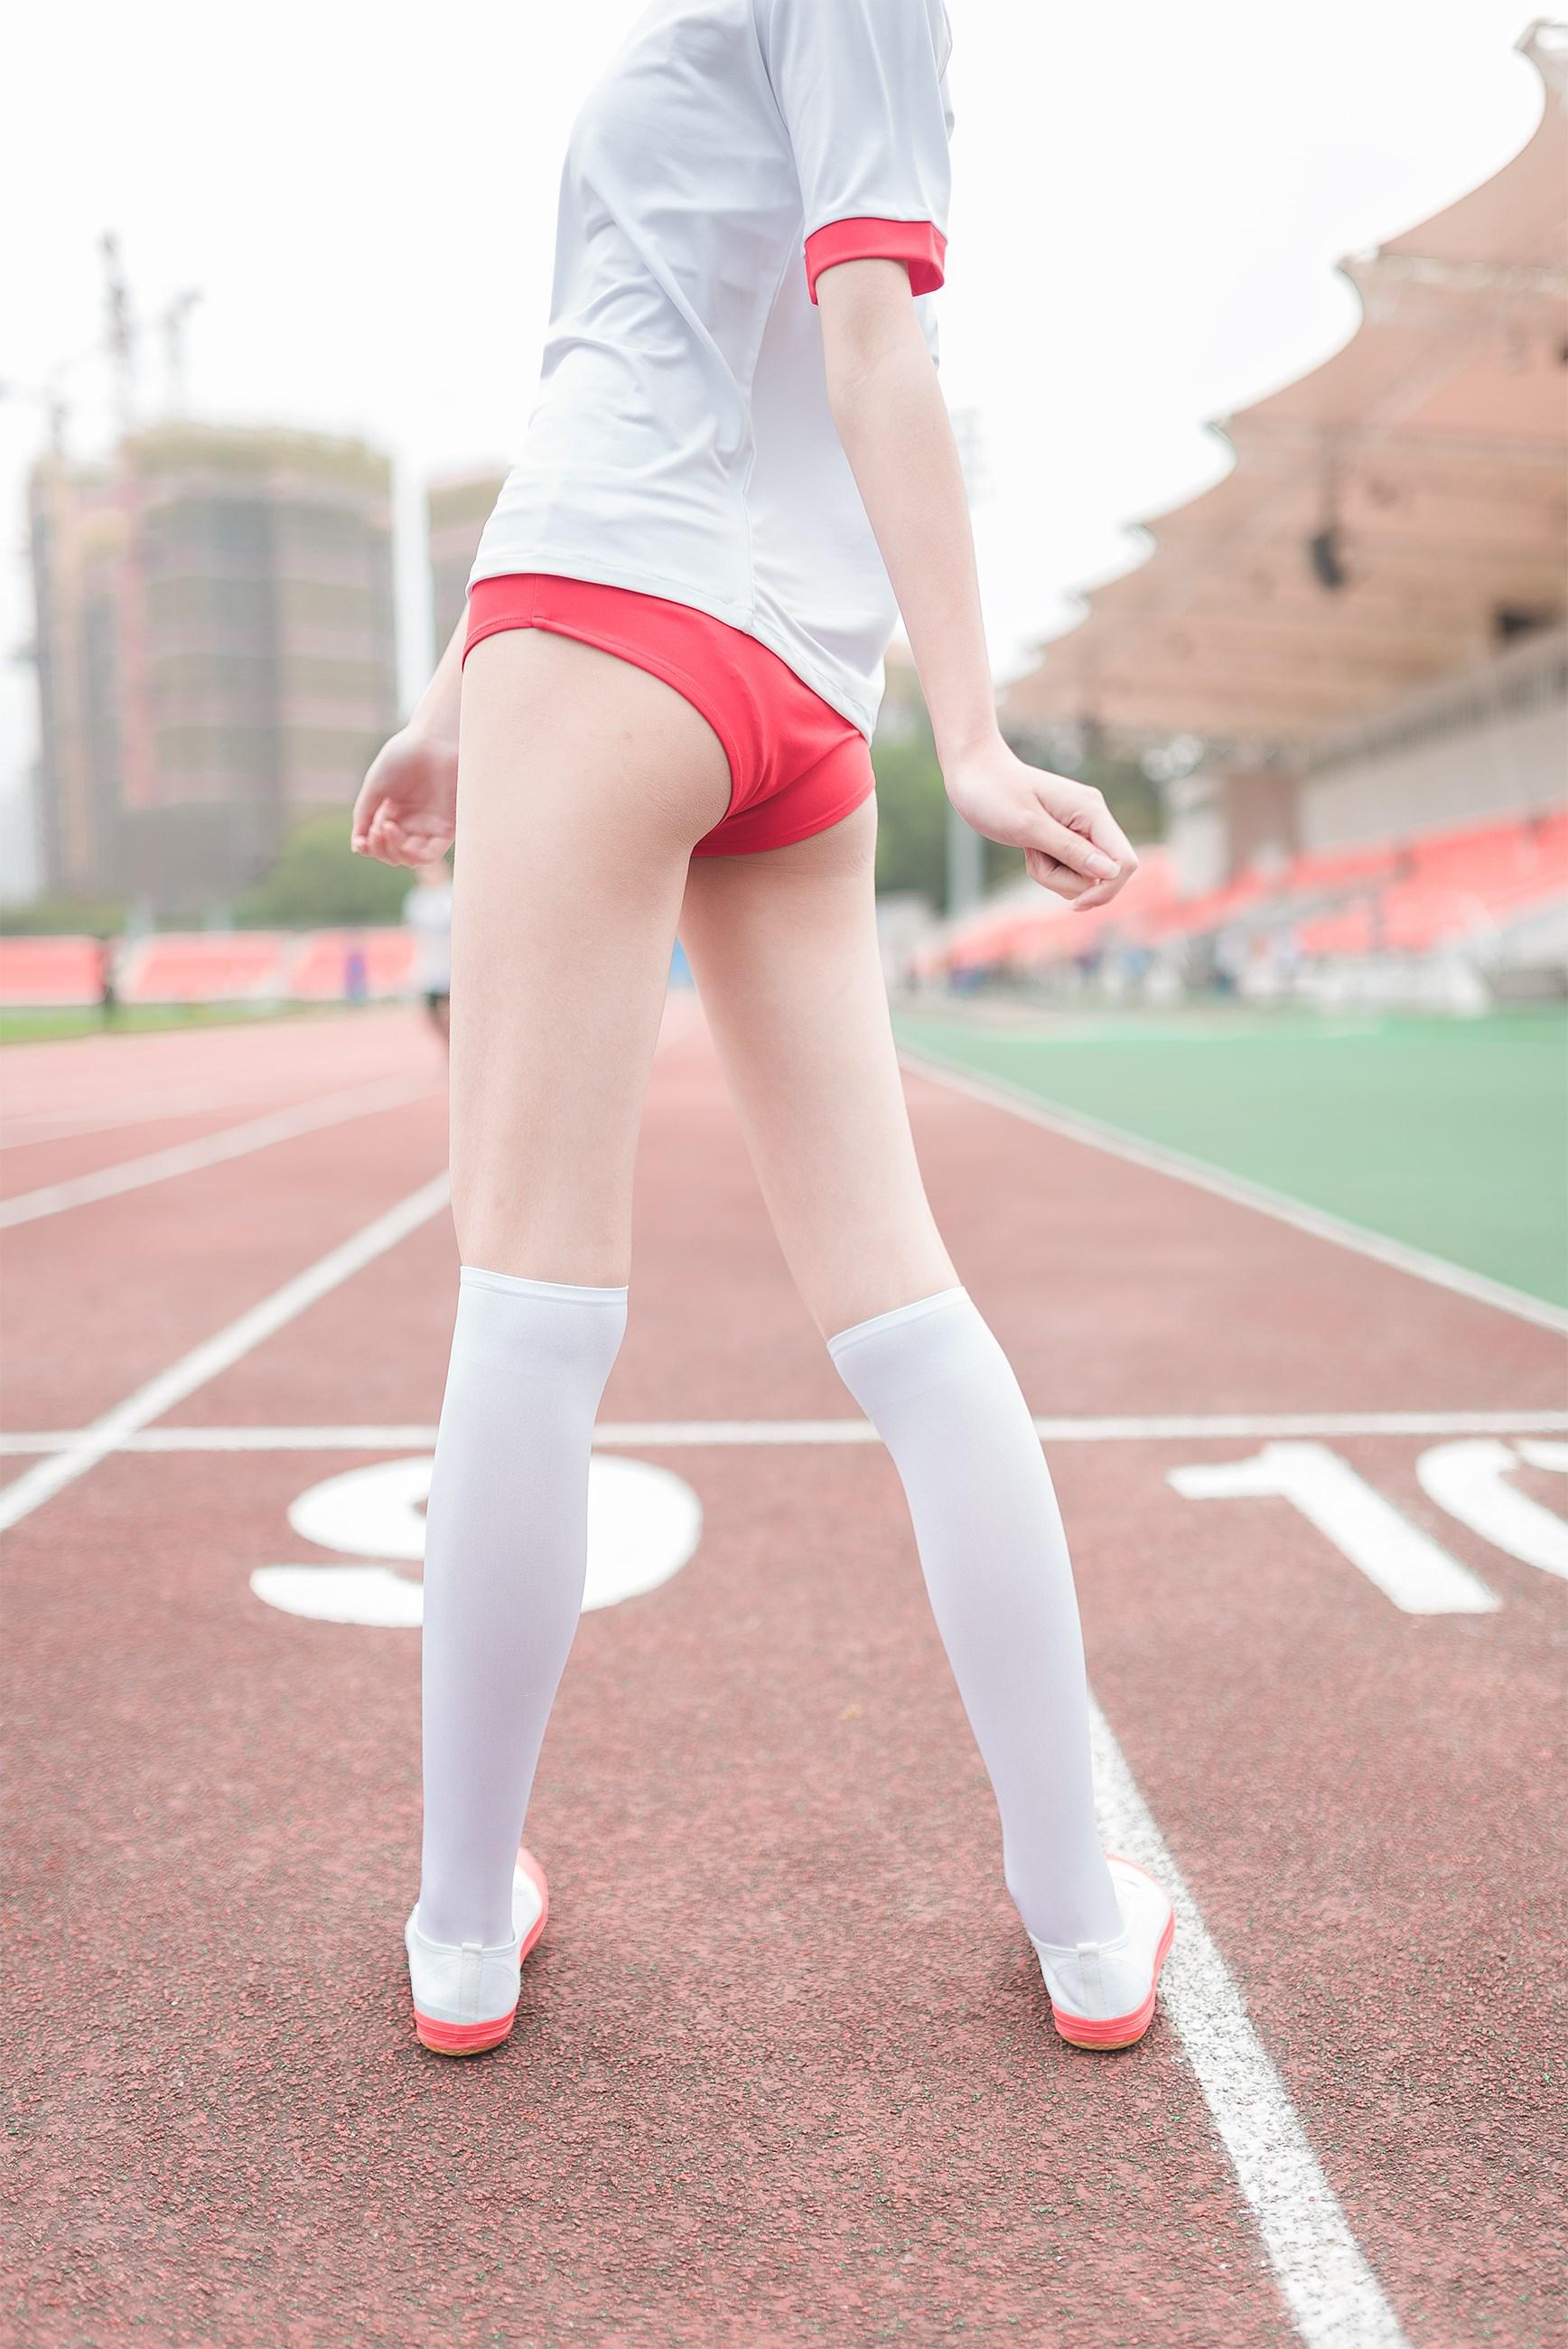 【兔玩映画】百合体操服少女 兔玩映画 第28张